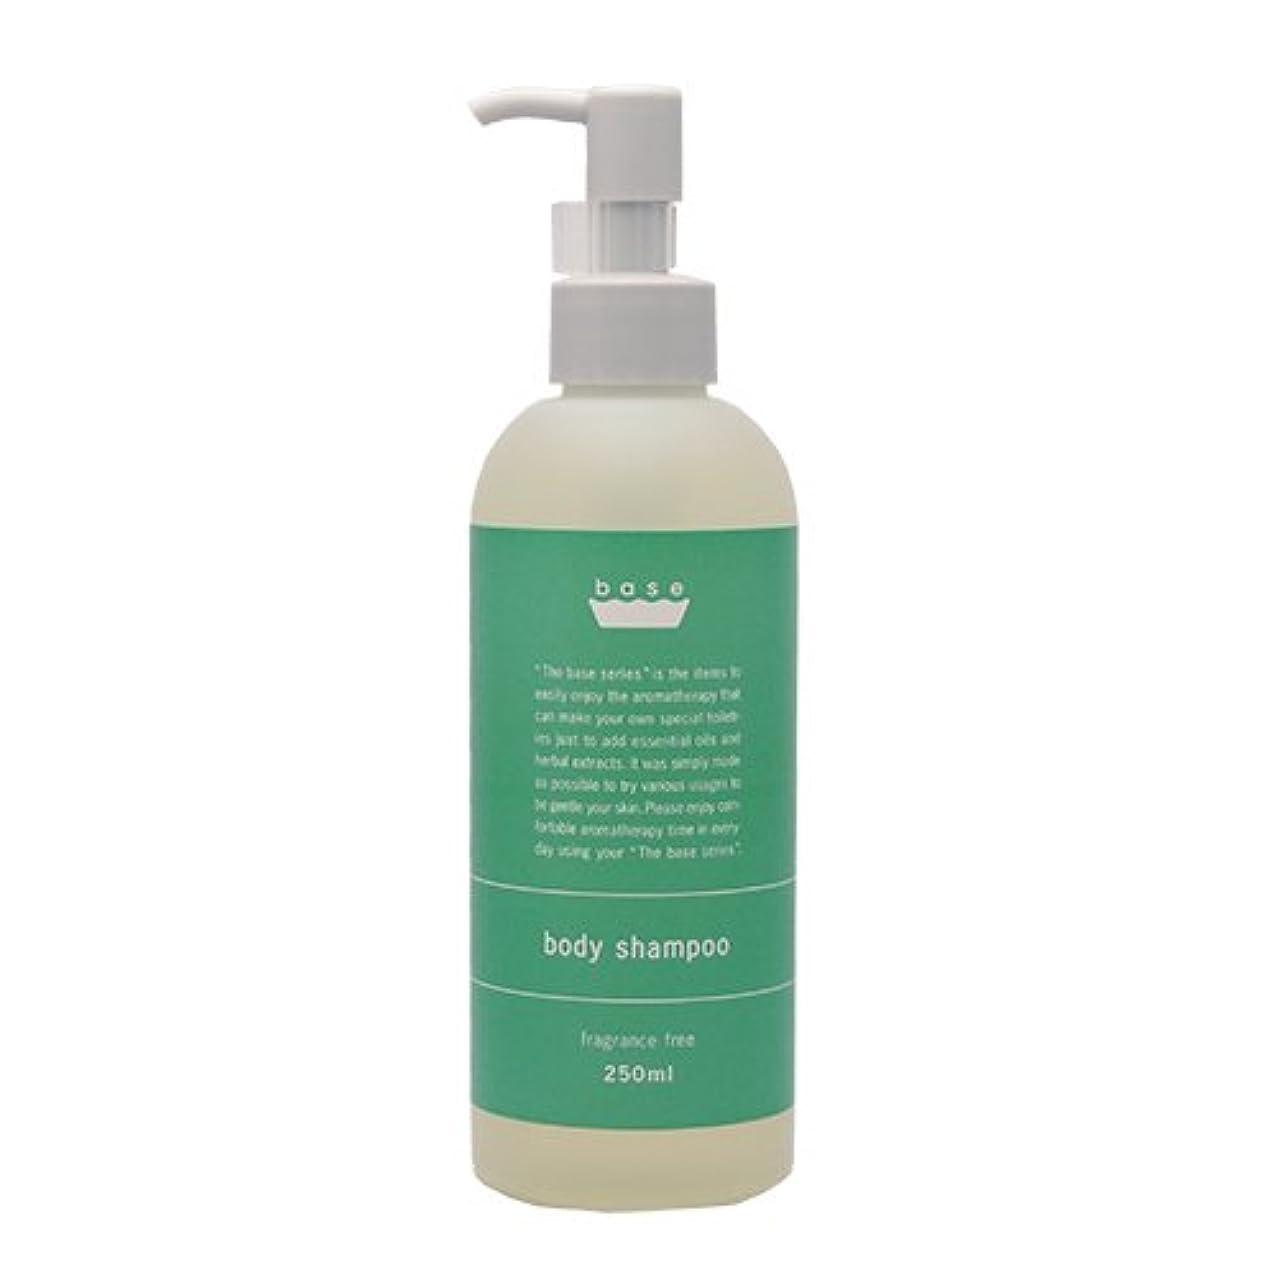 ボア愛バリケードフレーバーライフ(Flavor Life) フレーバーライフ base body shampoo(ボディーシャンプー)250ml ボディソープ